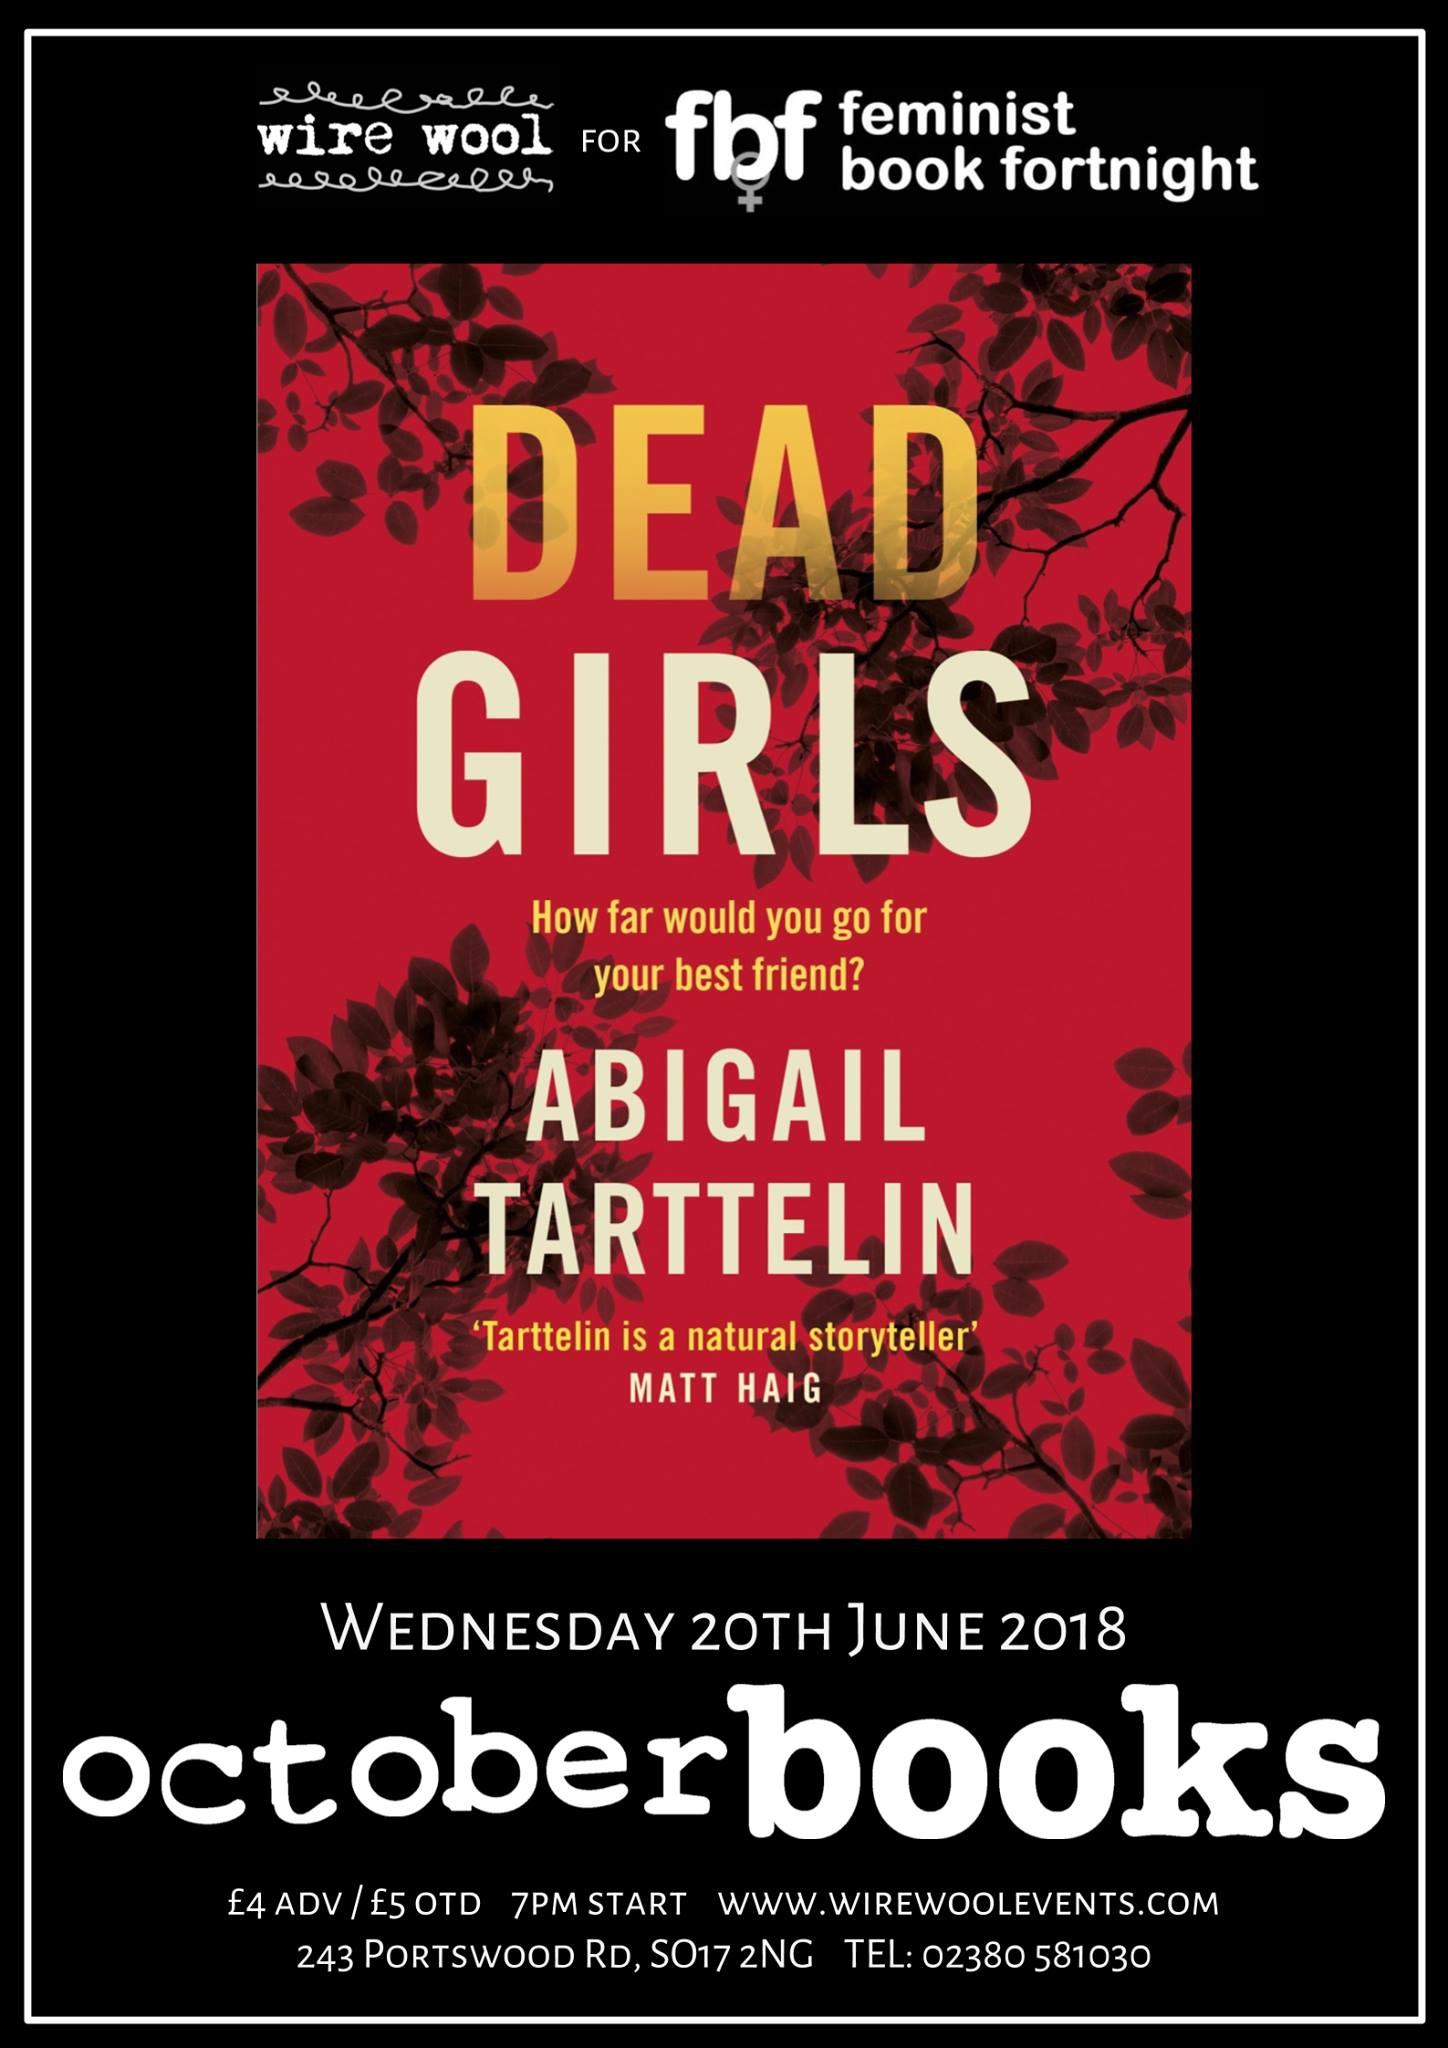 Dead Girls: Abigail Tarttelin signing Wednesday June 20 2018